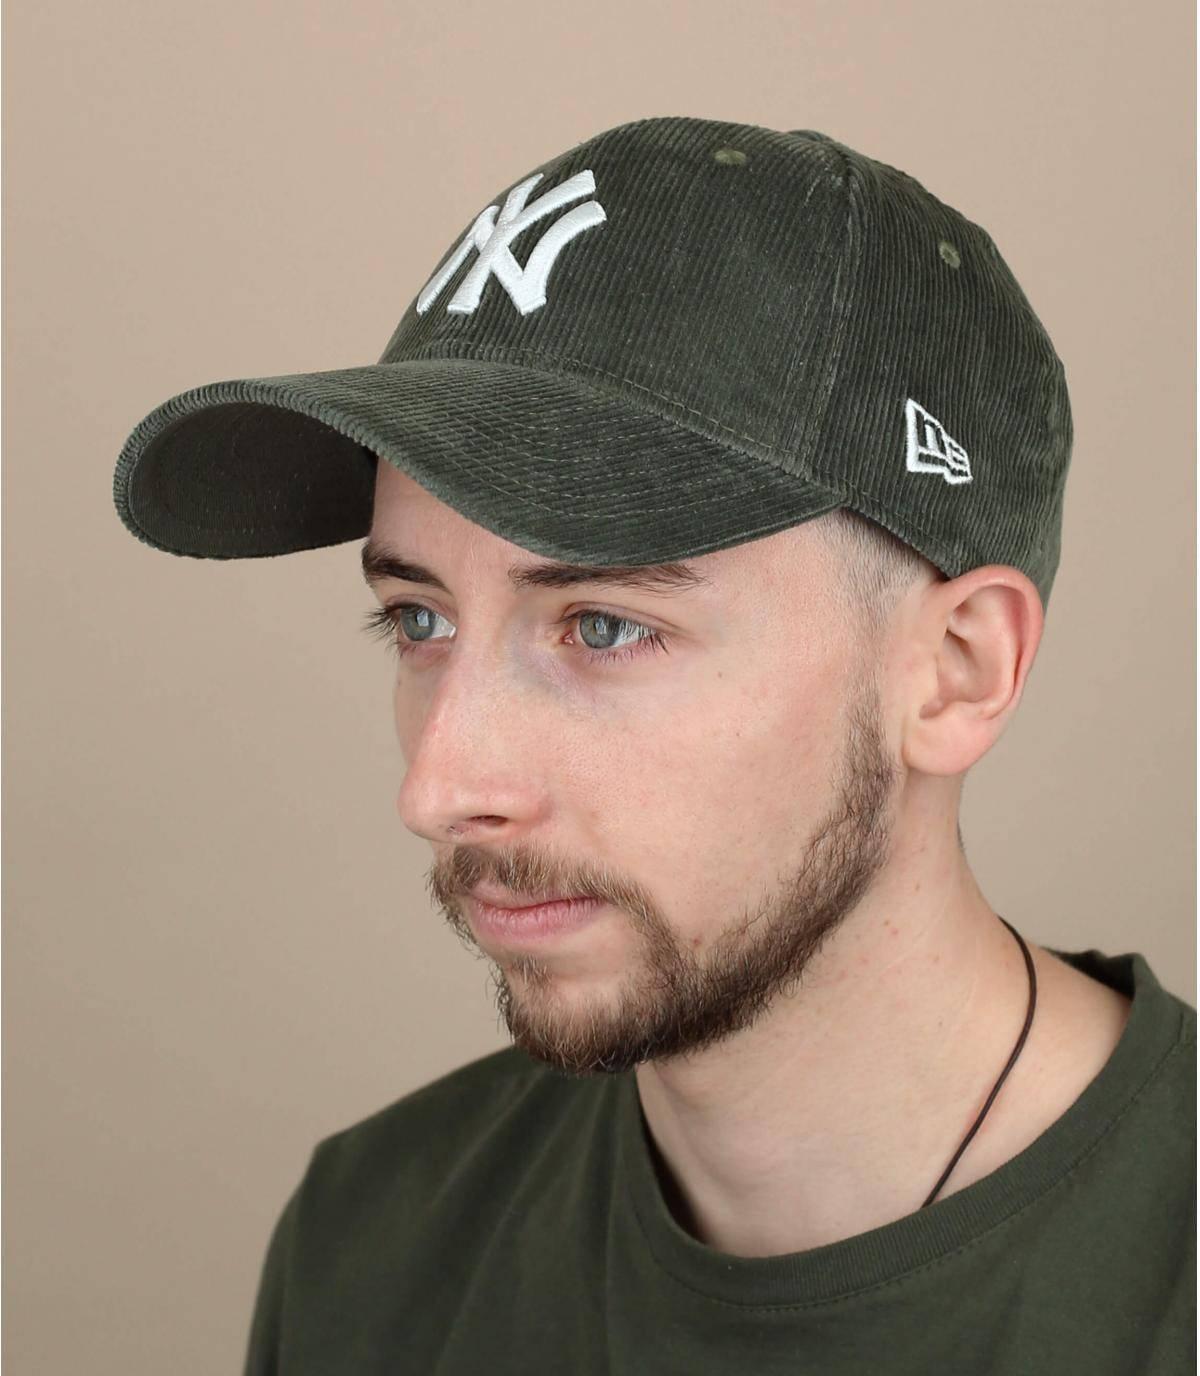 casquette velours vert